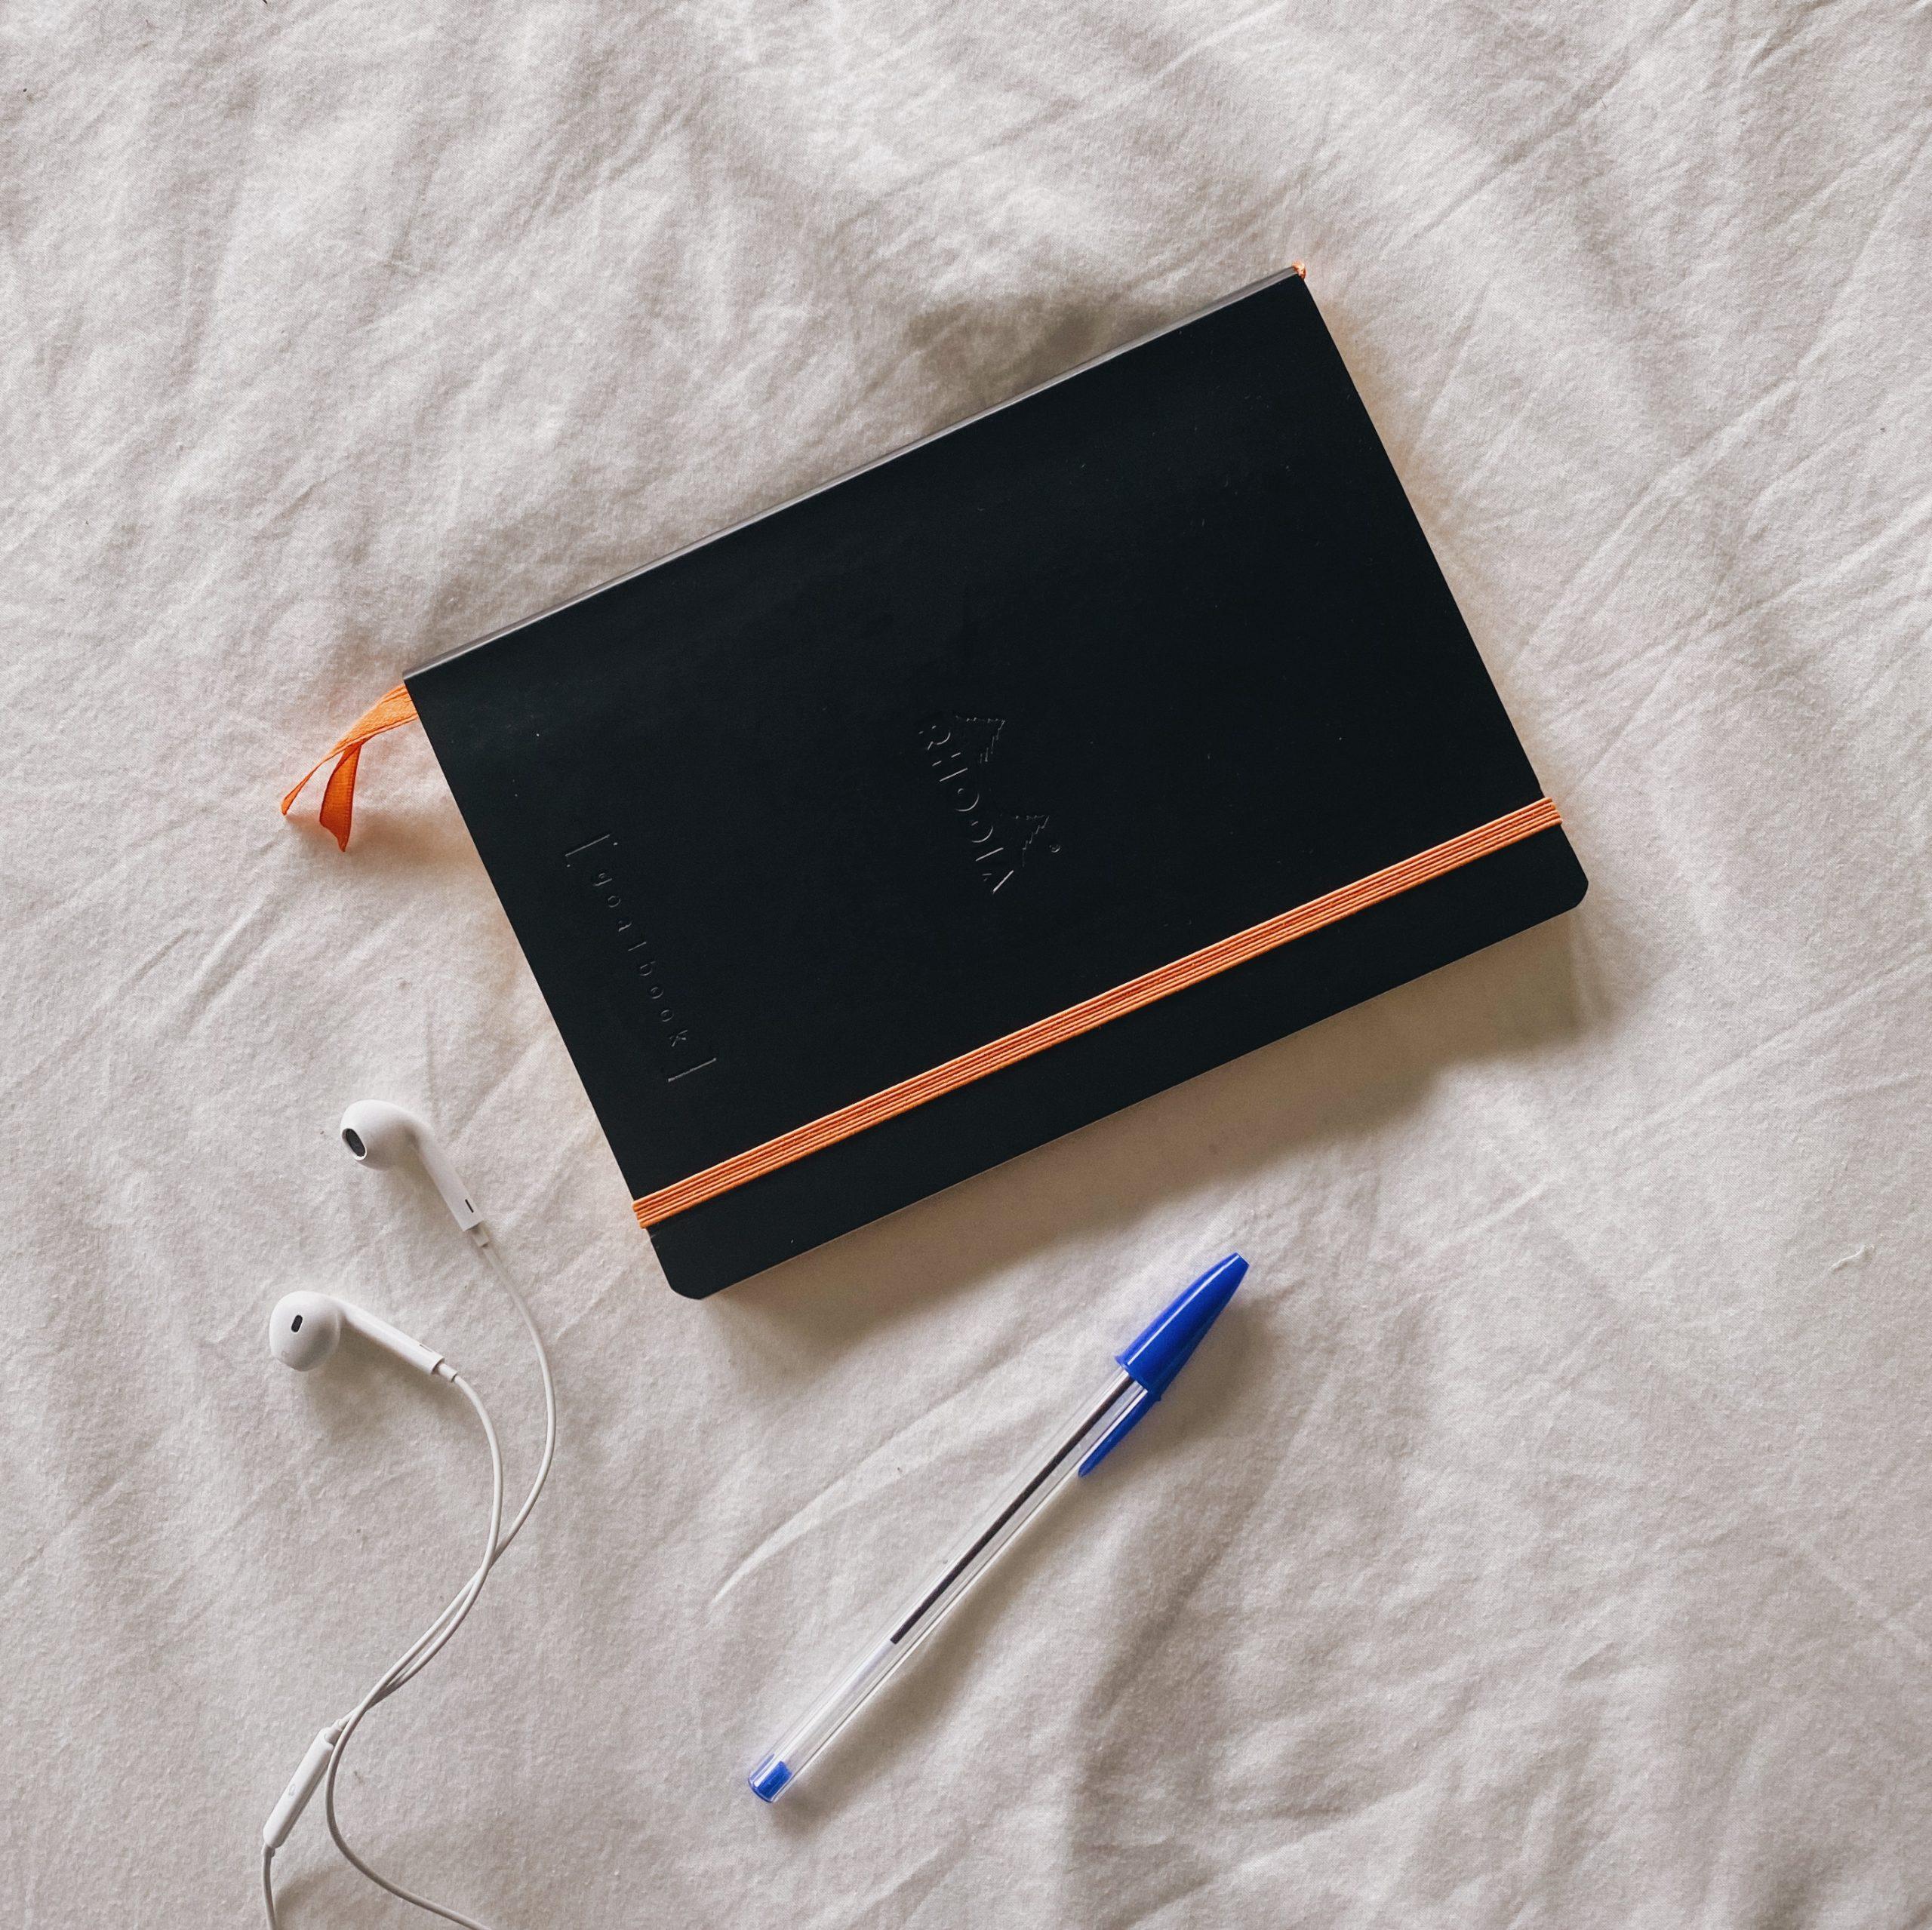 tenir un journal, journaling, comment tenir un journal intime, journal intime confinement, how to journaling